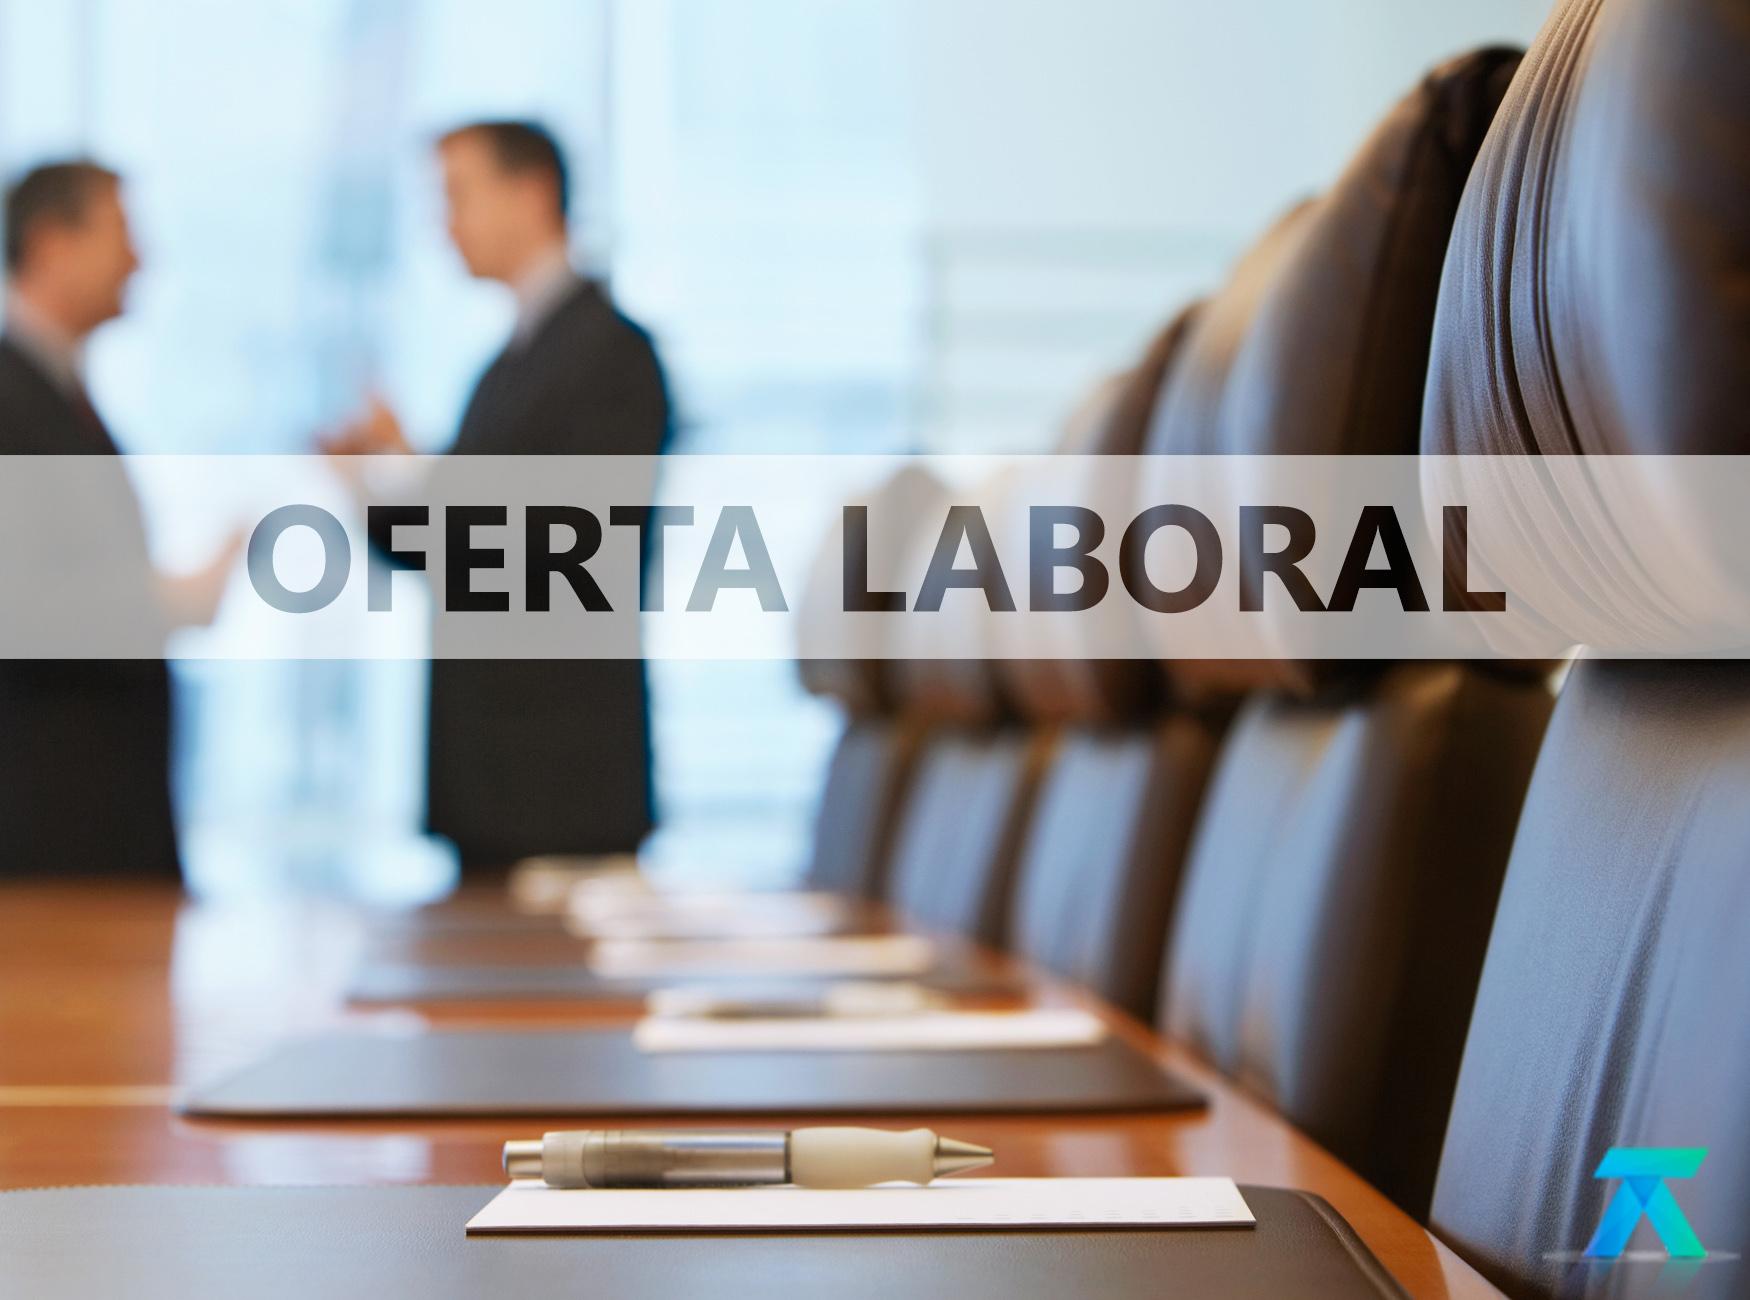 Oferta Laboral 1